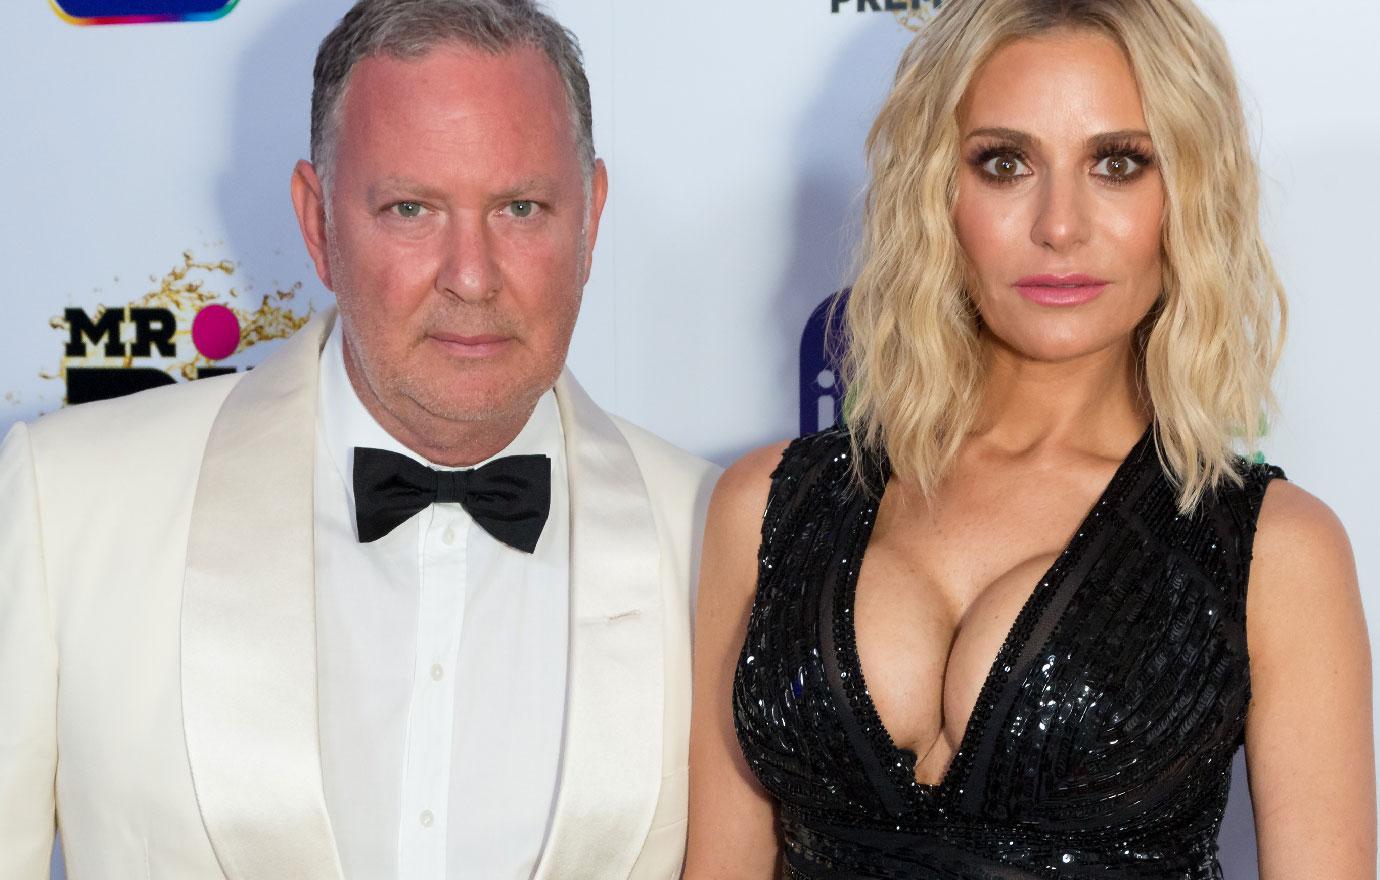 RHOBH Star Dorit Kemsley's Husband PK Gets Wages Garnished Casino Debt